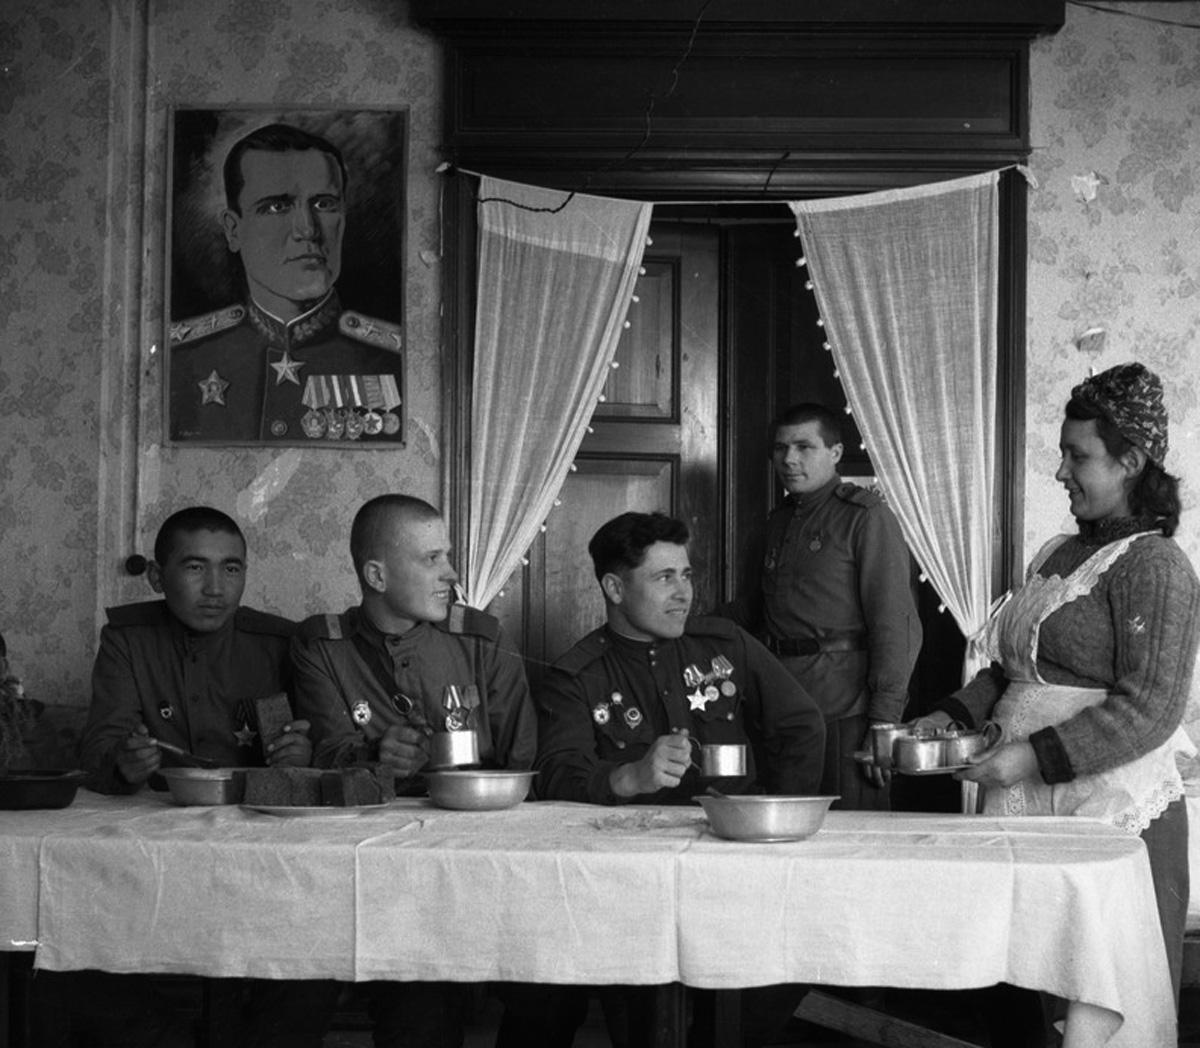 Советские солдаты в немецком доме, Кёнигсберг. Автор неизвестен. Копия МАММ